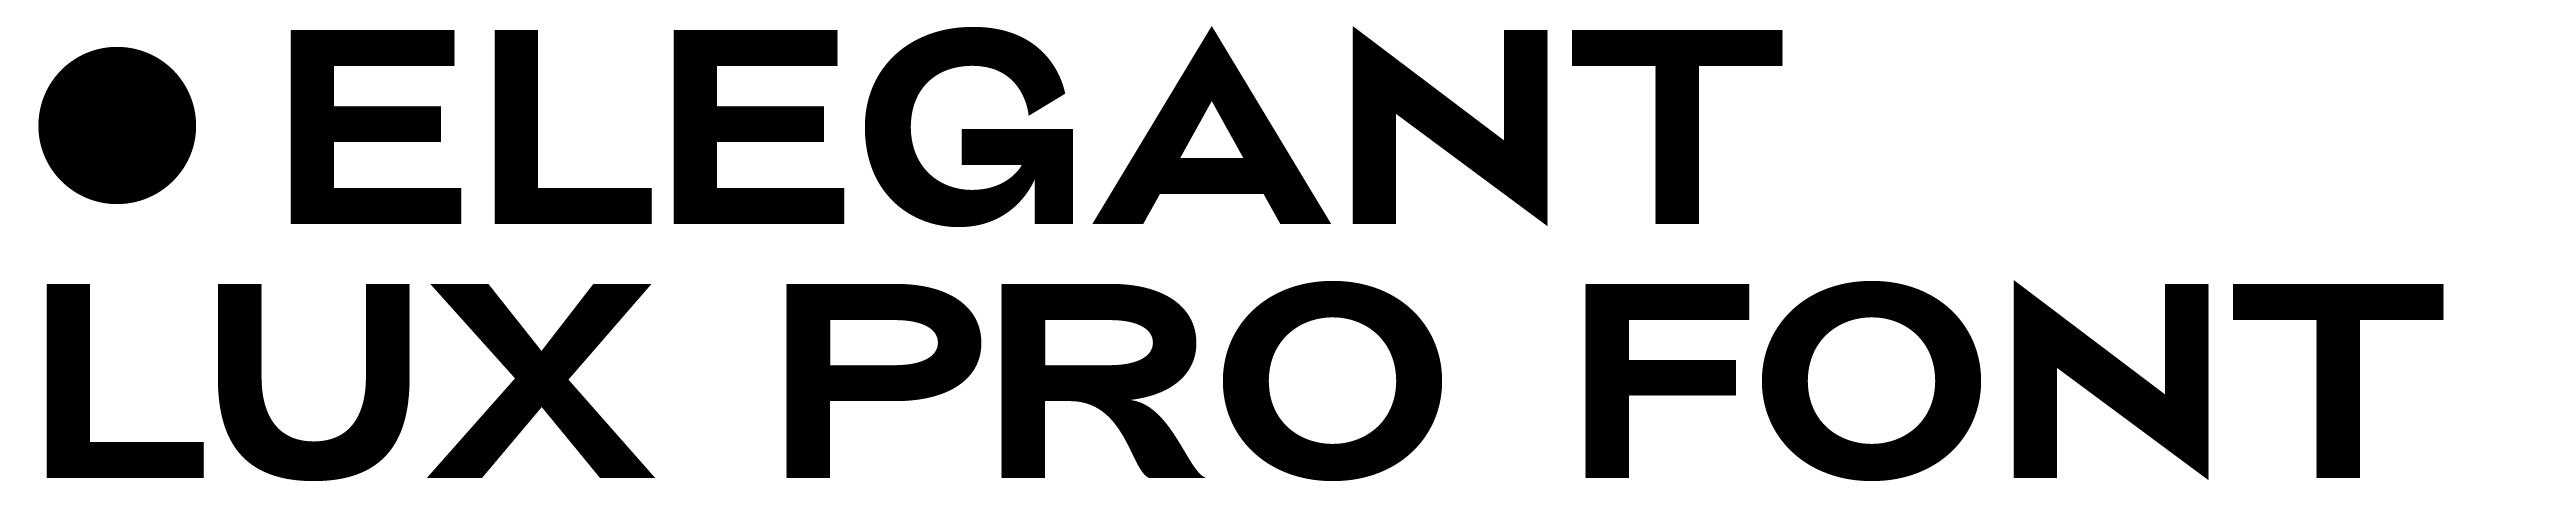 —————————Elegant Lux Mager Pro —— a geometric sans serif Typeface